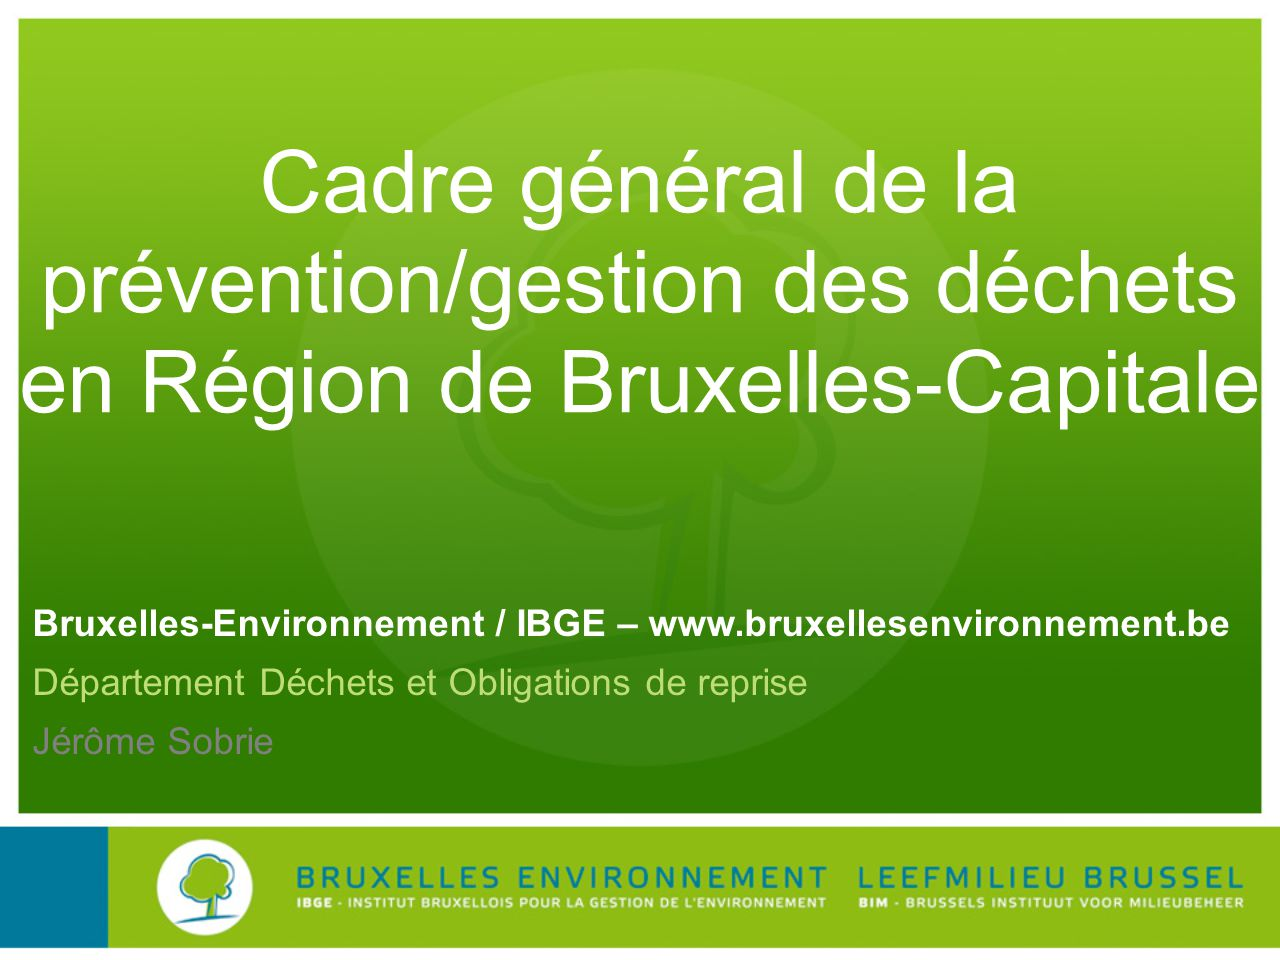 Bruxelles-Environnement / IBGE – www.bruxellesenvironnement.be Département Déchets et Obligations de reprise Jérôme Sobrie Cadre général de la prévent